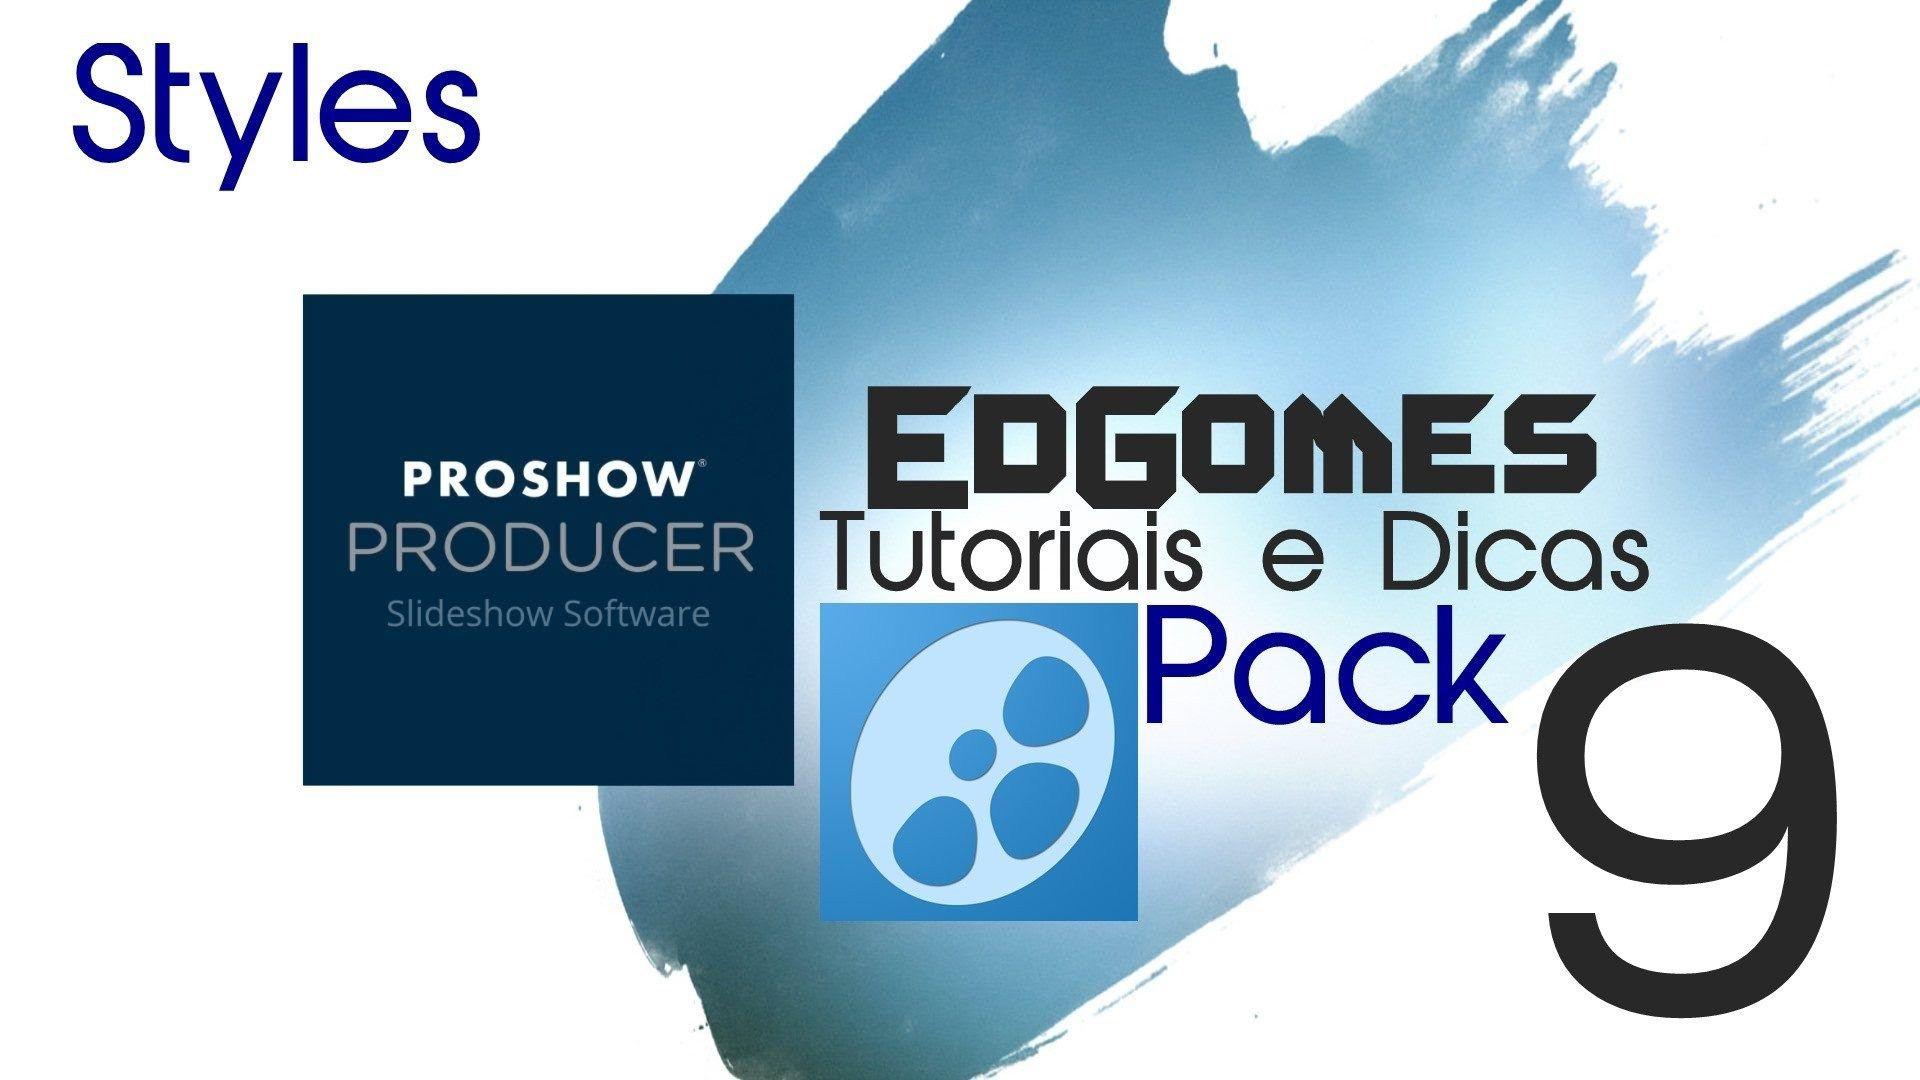 Download manycam enterprise 5 0 5 2 multilingual - Proshow Producer 8 0 3648 Crack Keygen With Patched License Key Pinterest